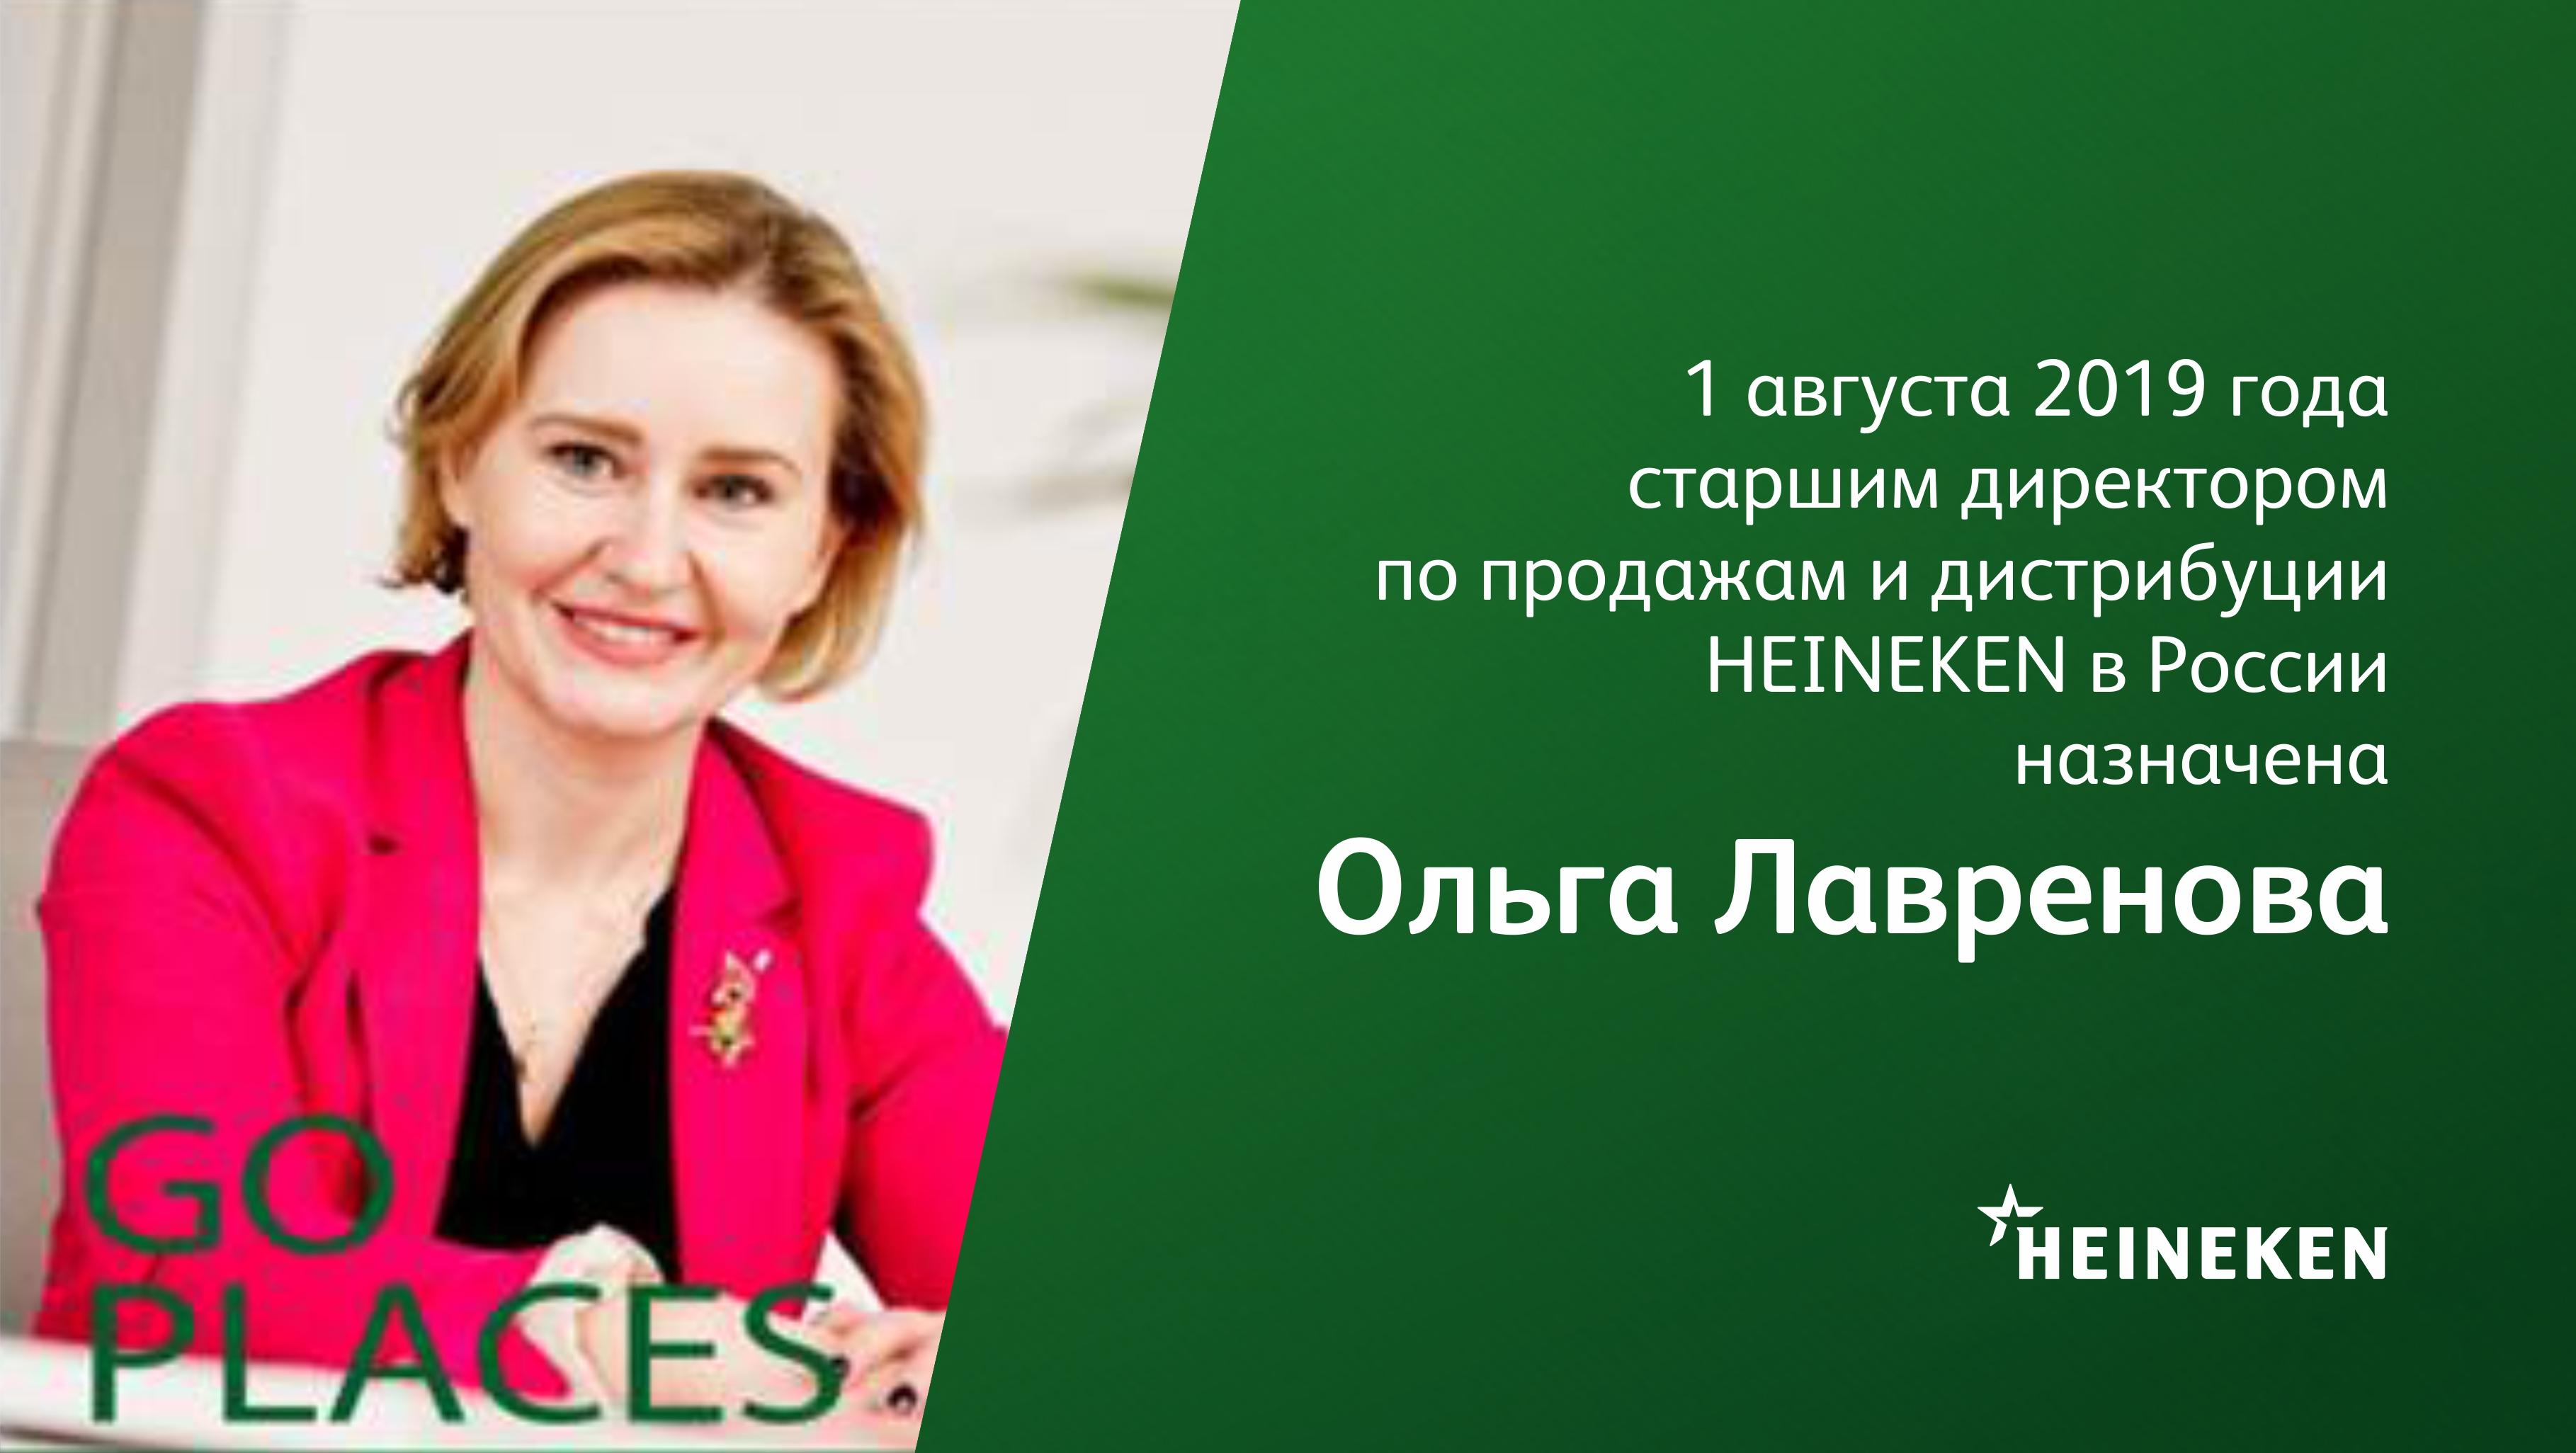 Россия. У Heineken новый директор по продажам